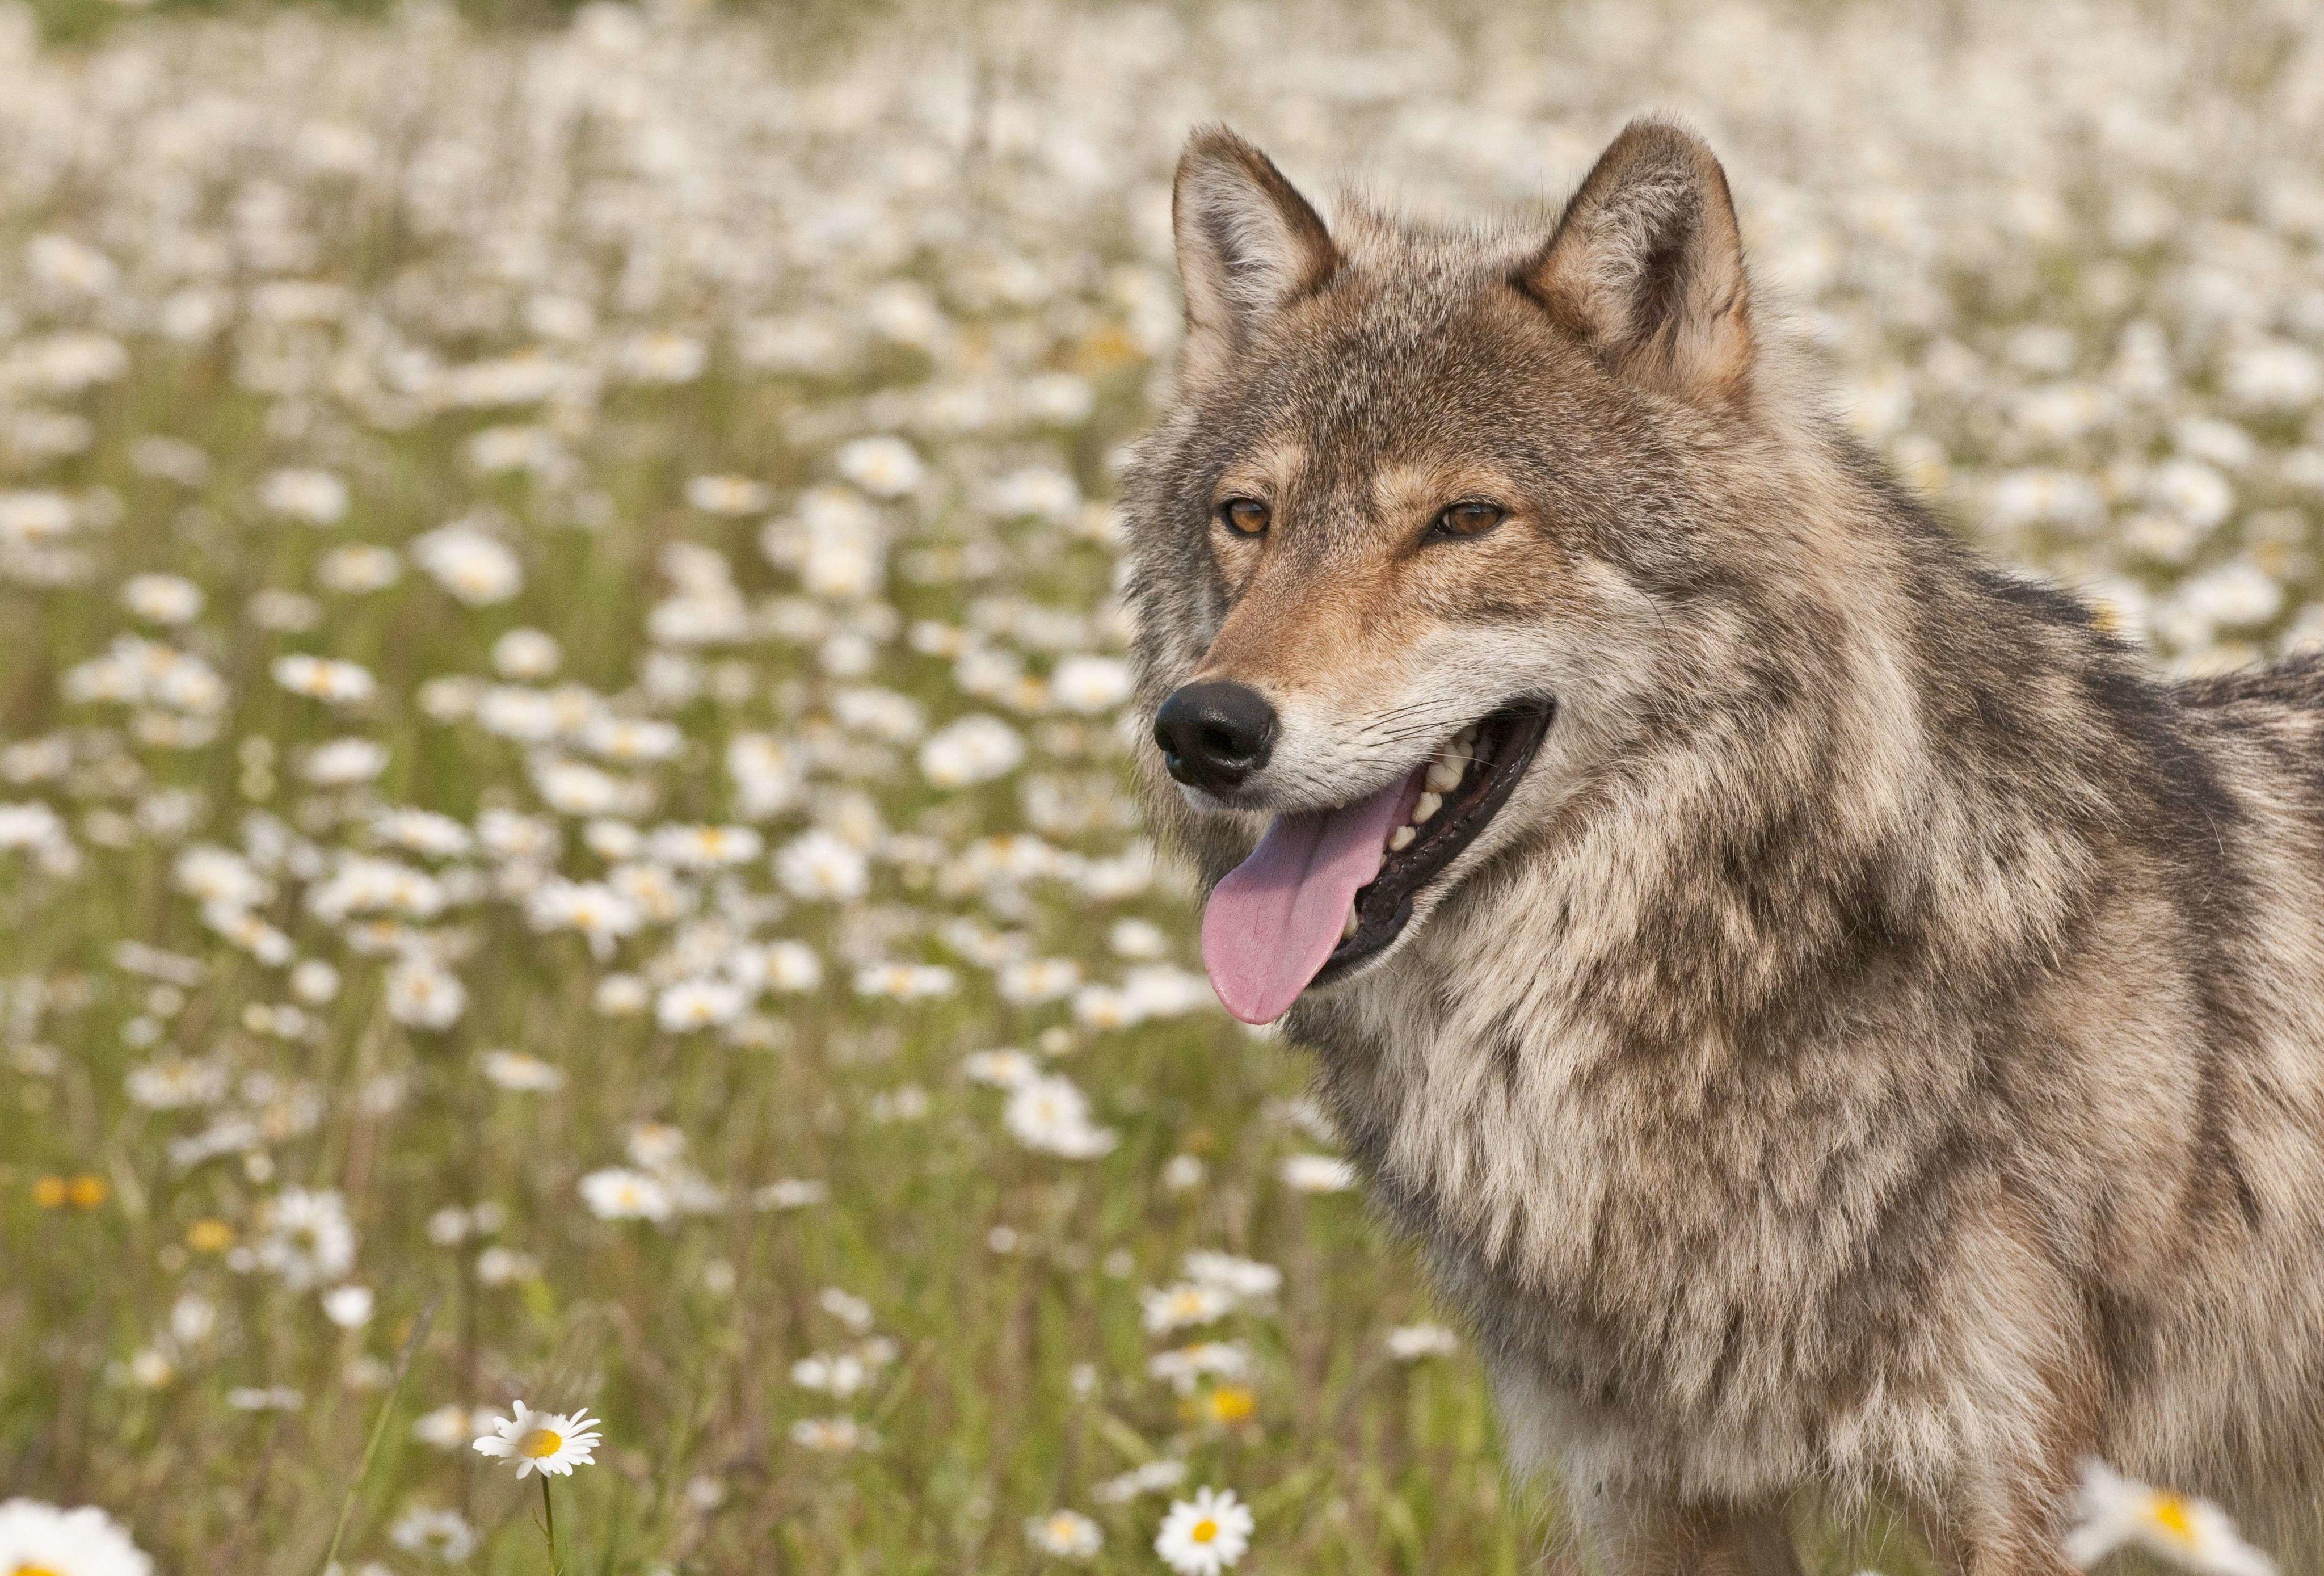 La présence d'un nouveau loup a été identifiée entre le Tarn et l'Hérault